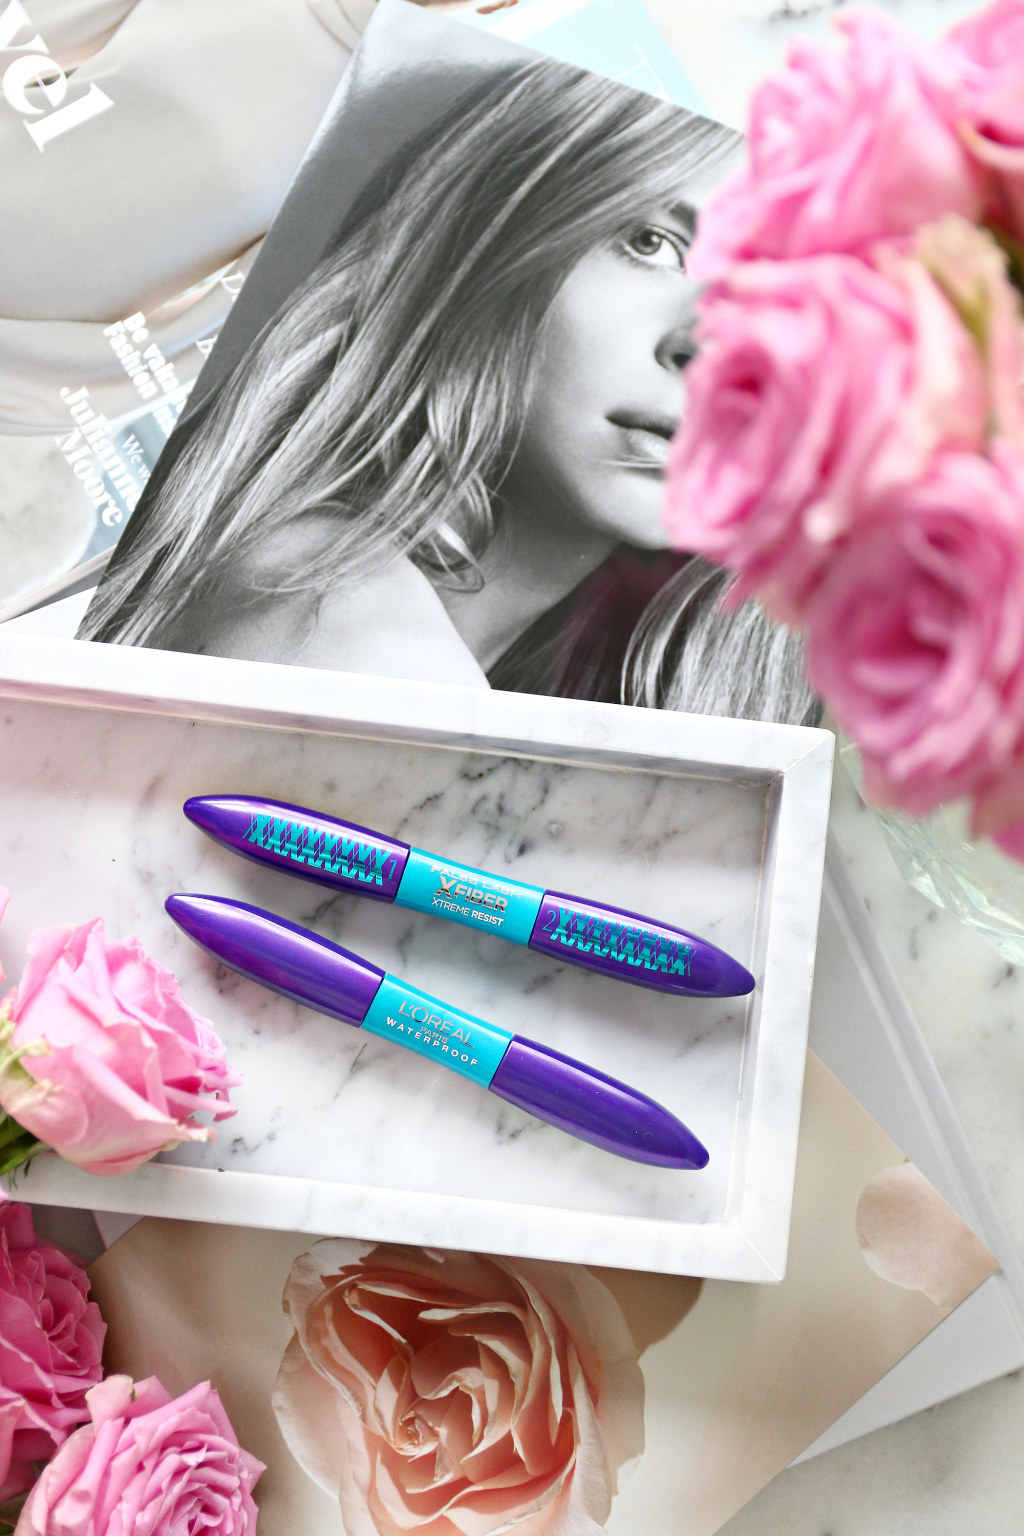 L'Oréal XFiber Xtreme Resist mascara review